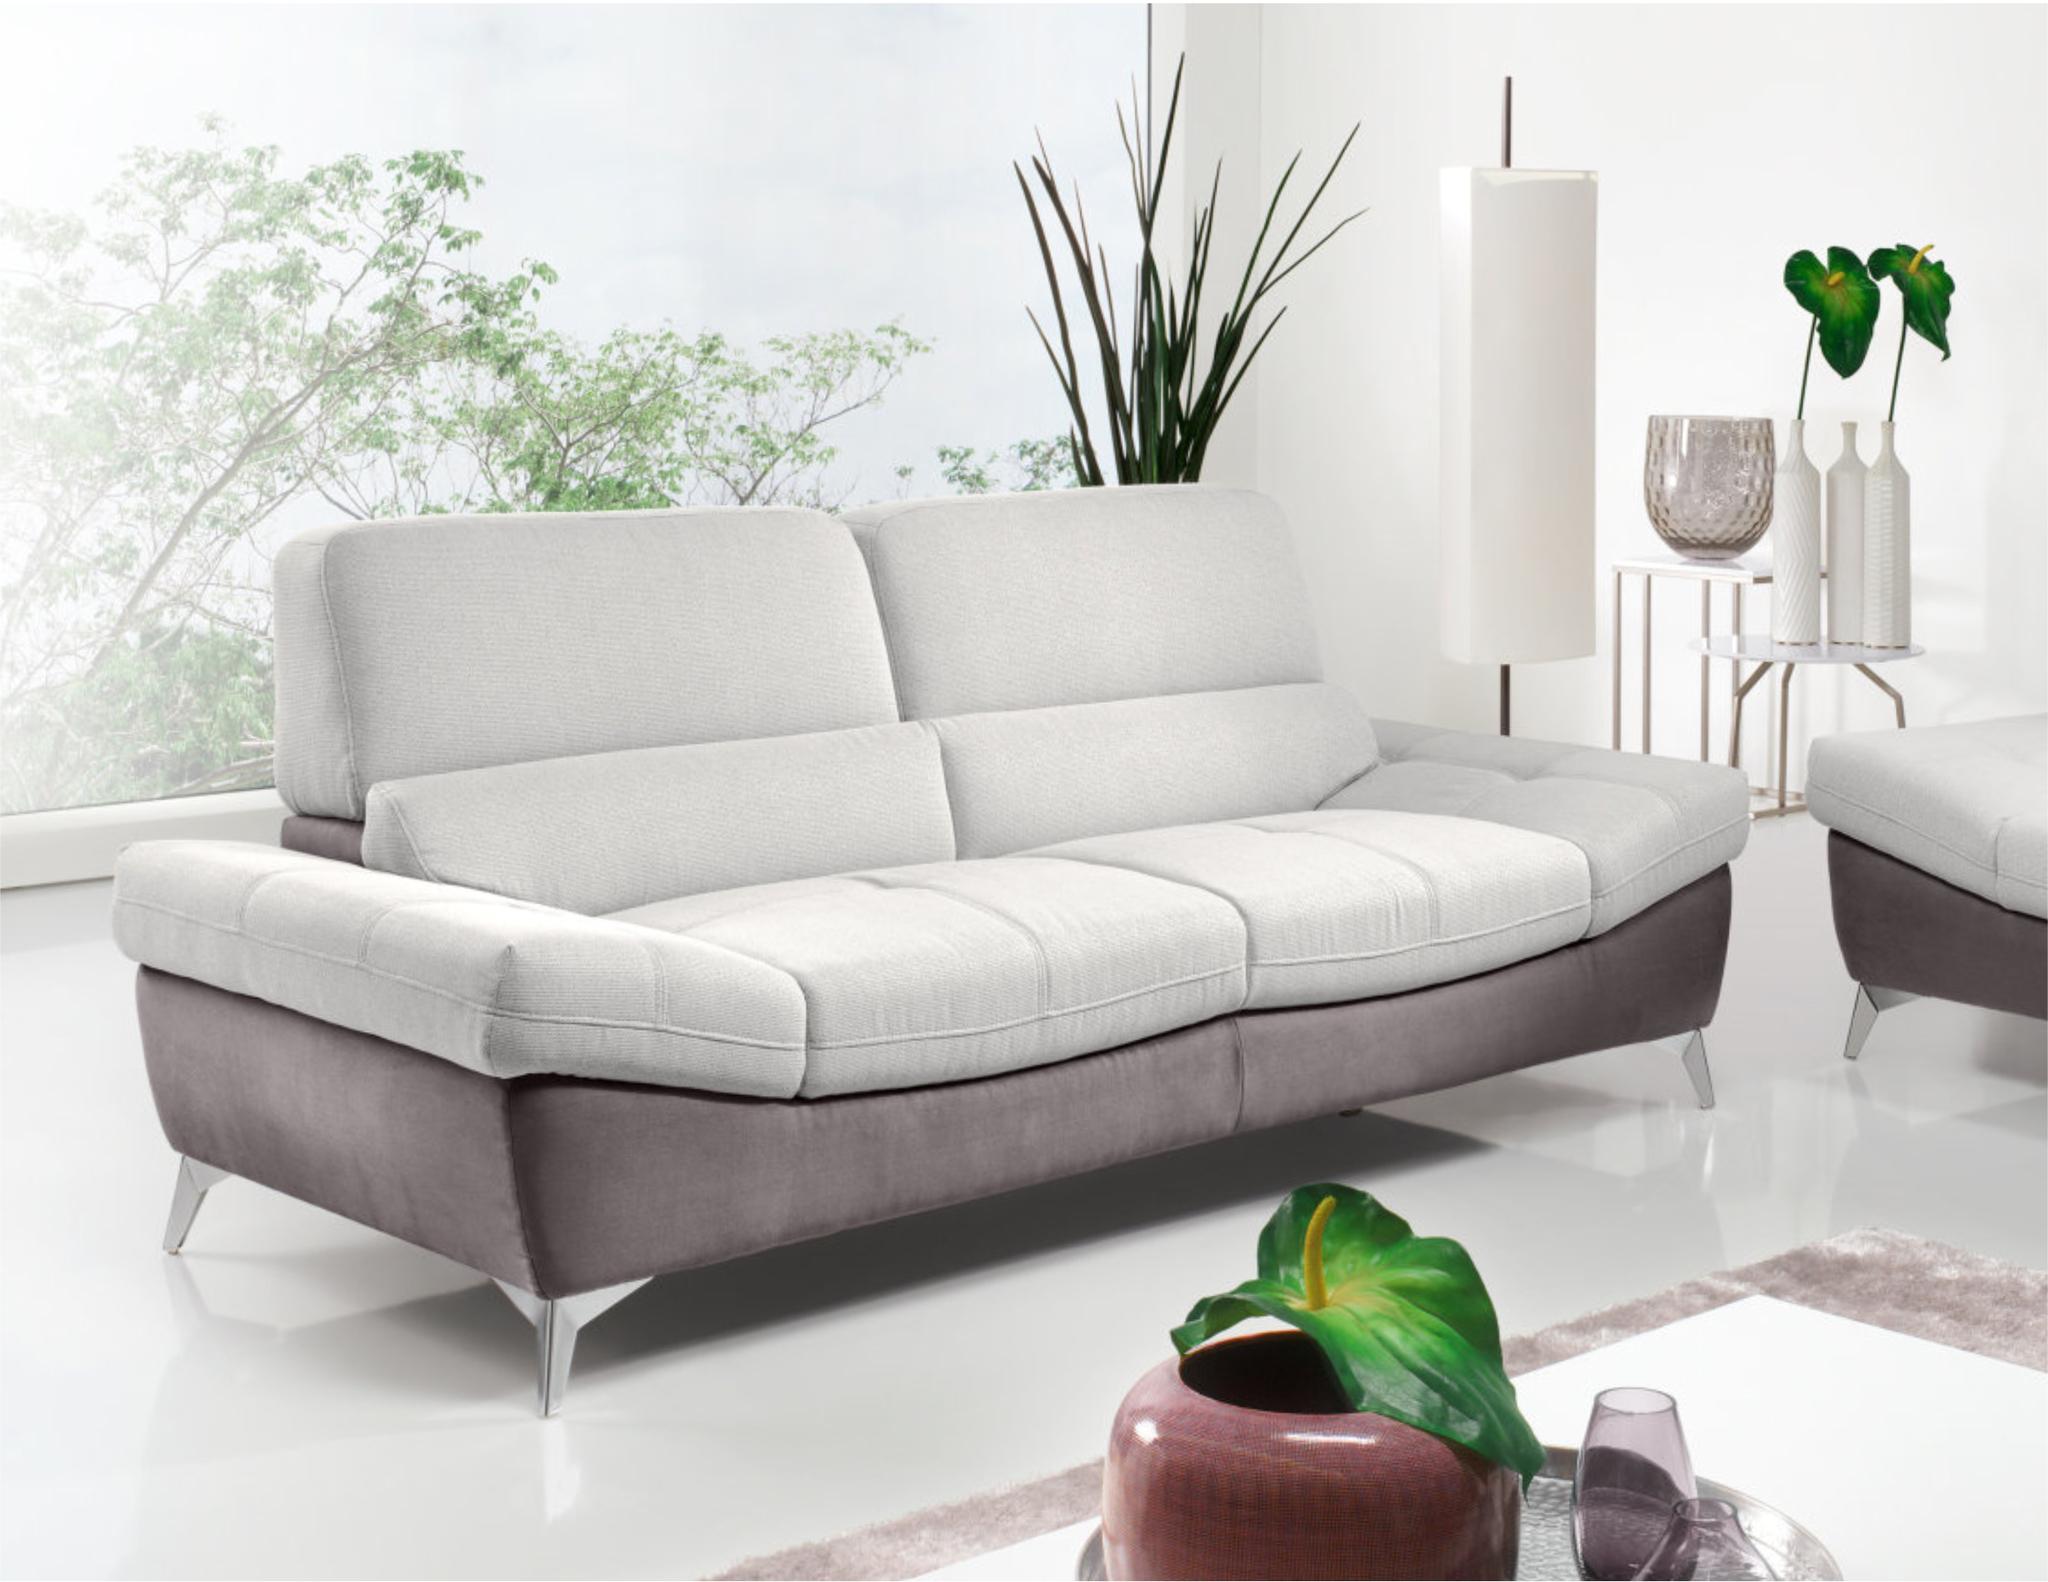 MyCouch Convertible 3er Sofa online günstig kaufen - online bei ...